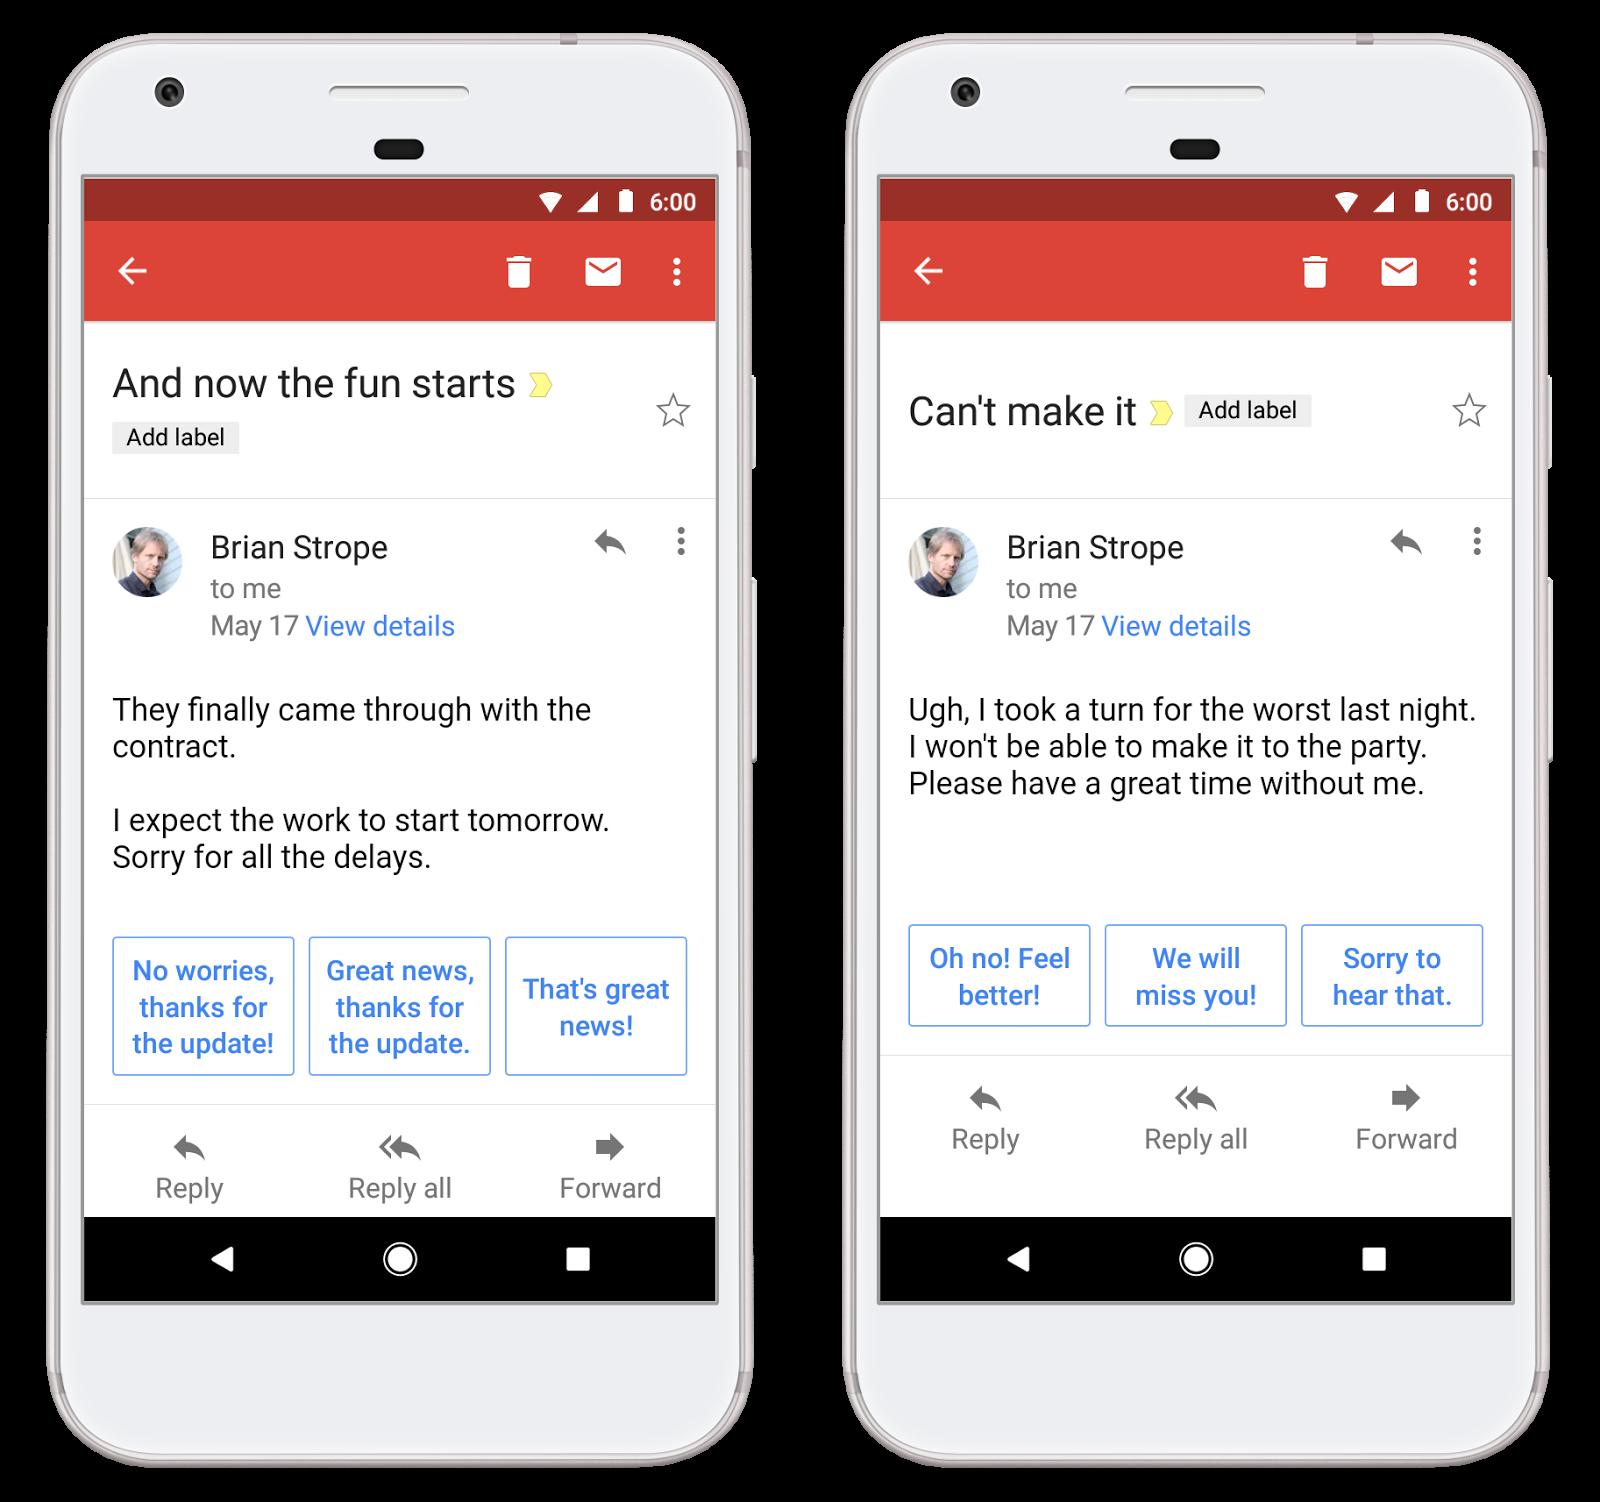 ميزة (الرد الذكي ) أروع ما في تطبيق جيميل الان : ننتظر اللغة العربية يا جوجل 1